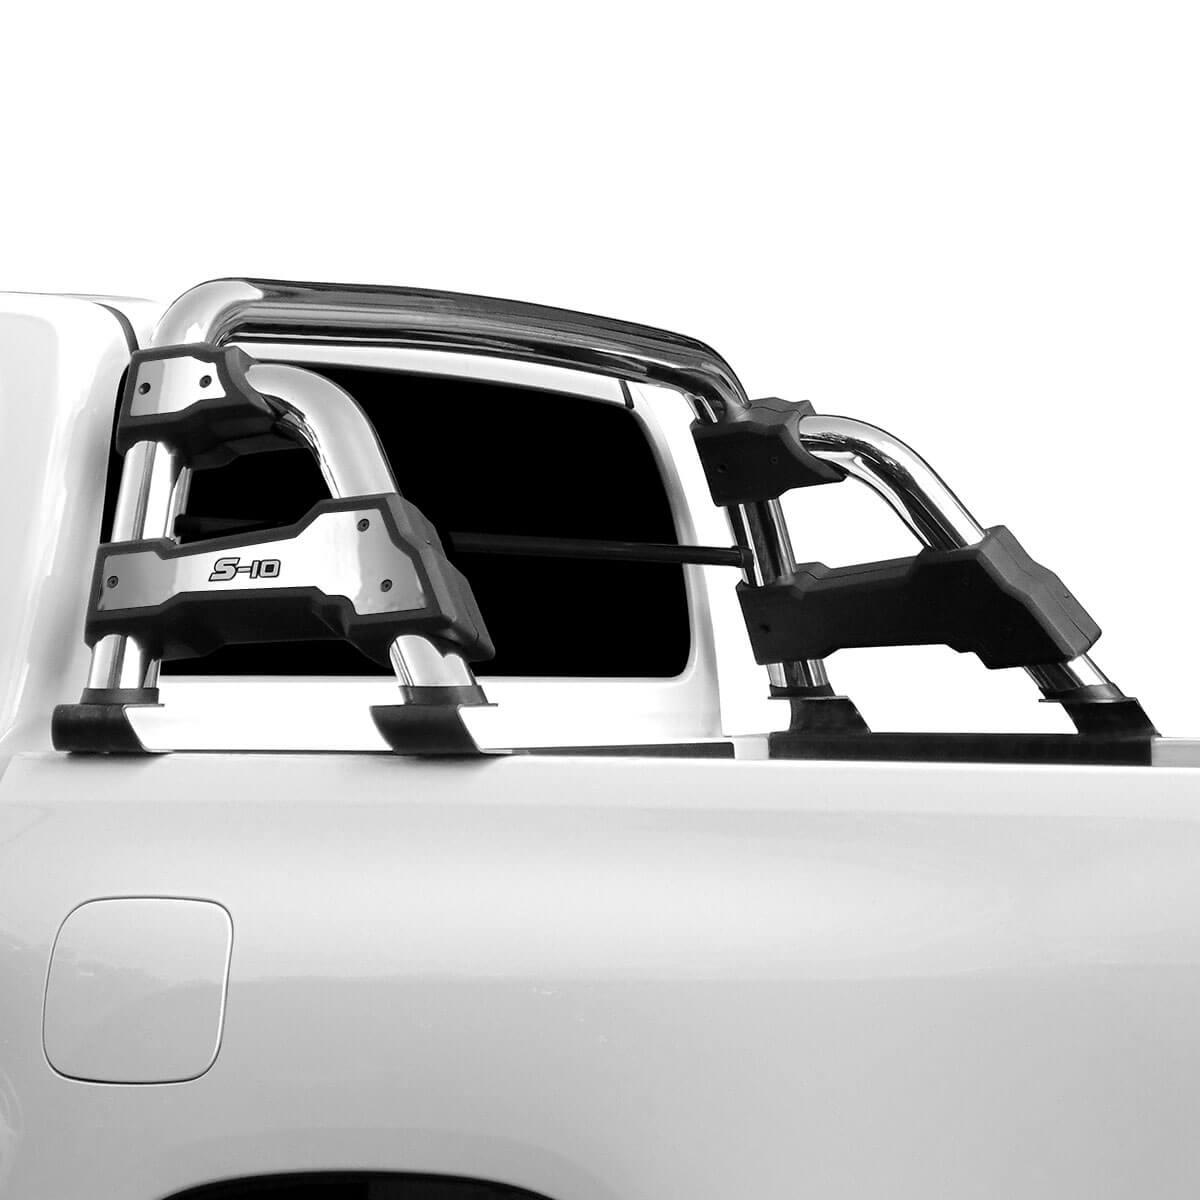 Santo antonio STR cromado Nova S10 cabine dupla 2012 a 2021 com barra